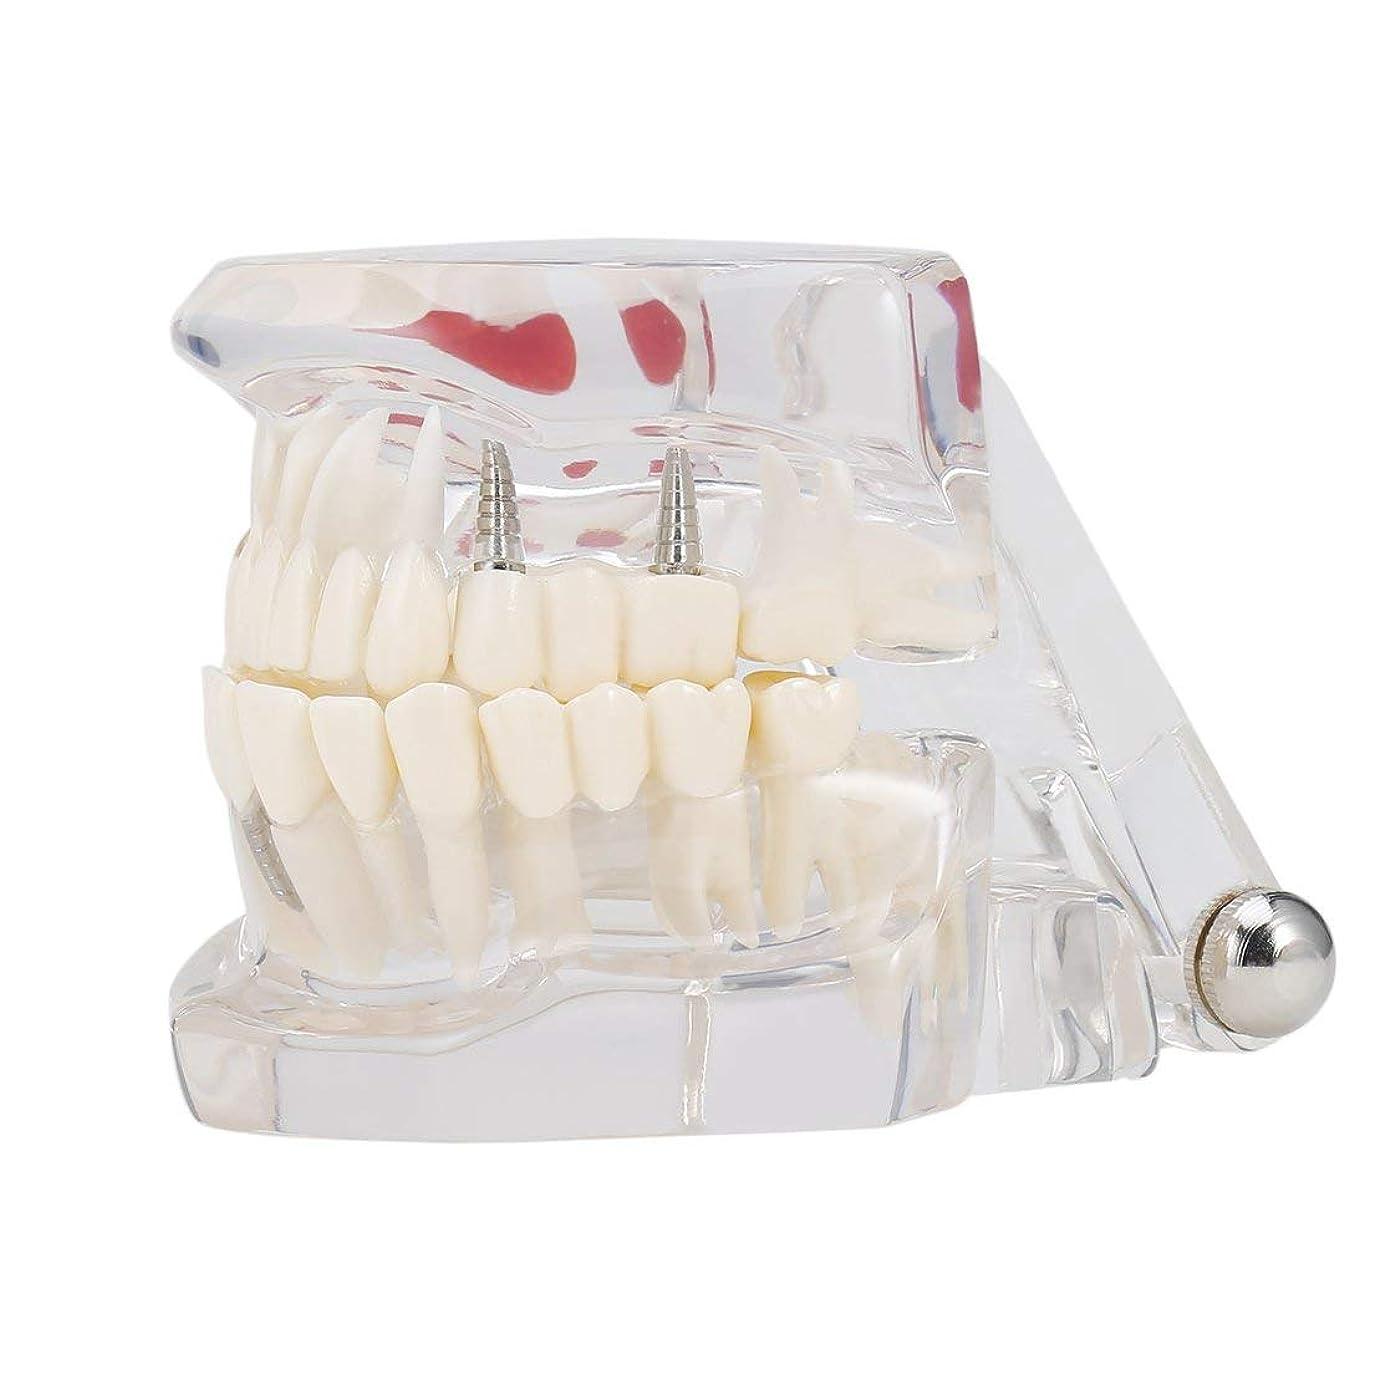 スラッシュその他かみそりプロの取り替え可能な偽の歯の歯の病気Moldel歯科インプラント修復ディスプレイクリニック病院教育用